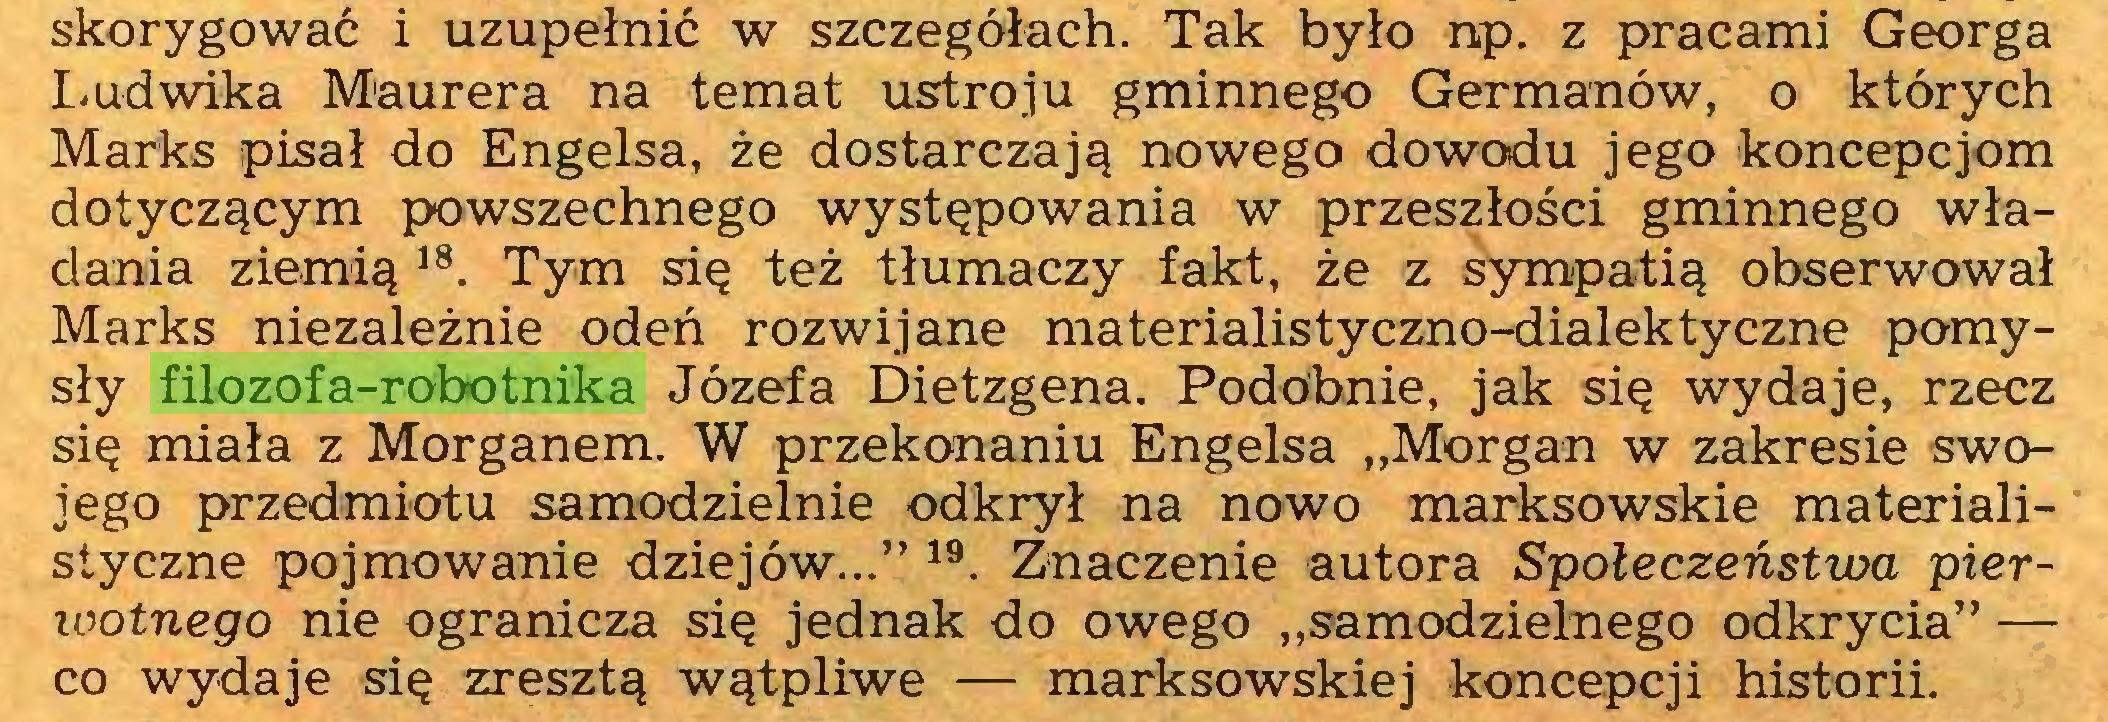 """(...) skorygować i uzupełnić w szczegółach. Tak było np. z pracami Georga Ludwika Maurera na temat ustroju gminnego Germanów, o których Marks pisał do Engelsa, że dostarczają nowego dowodu jego koncepcjom dotyczącym powszechnego występowania w przeszłości gminnego władania ziemią 18. Tym się też tłumaczy fakt, że z sympatią obserwował Marks niezależnie odeń rozwijane materialistyczno-dialektyczne pomysły filozofa-robotnika Józefa Dietzgena. Podobnie, jak się wydaje, rzecz się miała z Morganem. W przekonaniu Engelsa """"Morgan w zakresie swojego przedmiotu samodzielnie odkrył na nowo marksowskie materialistyczne pojmowanie dziejów..."""" 19. Znaczenie autora Społeczeństwa pierwotnego nie ogranicza się jednak do owego """"samodzielnego odkrycia"""" — co wydaje się zresztą wątpliwe — marksowskiej koncepcji historii..."""